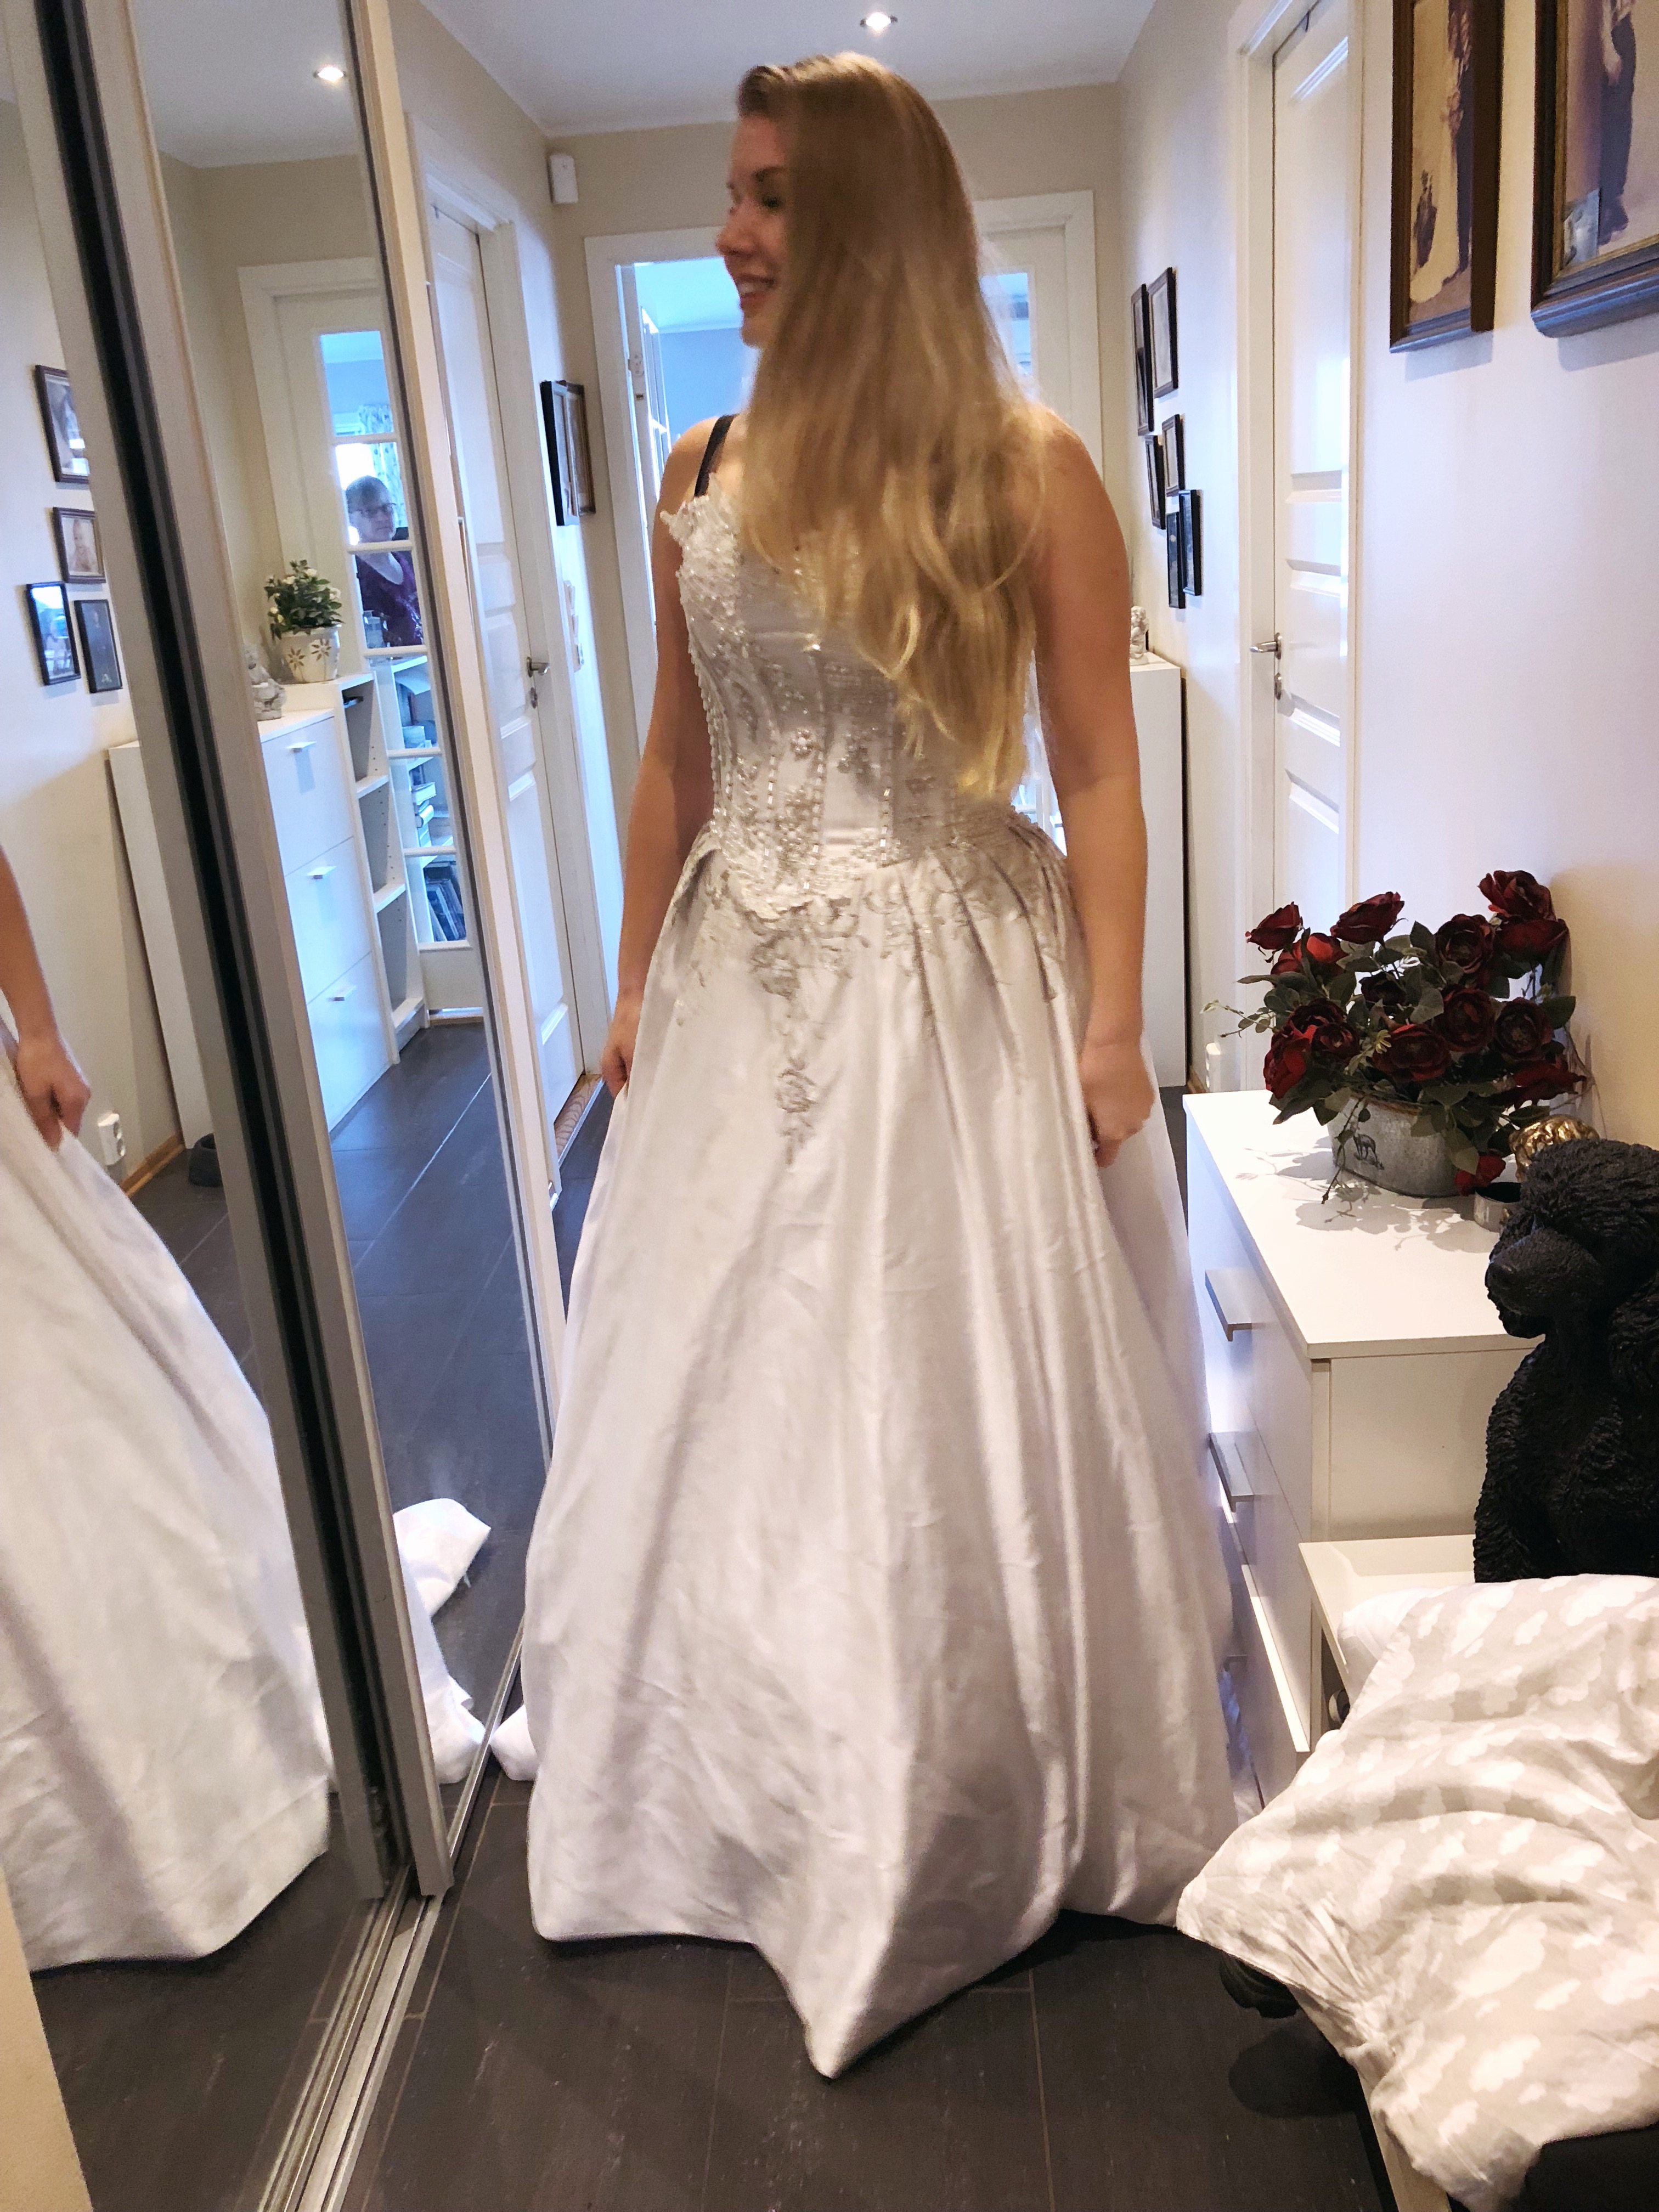 cb09cac0 Denne kjolen skal jeg legge vekk og spare frem til vårt Norske bryllup.  Håper jeg kan bruke den om 1-2 år og at jeg kanskje ikke har lagt på meg  etter ...